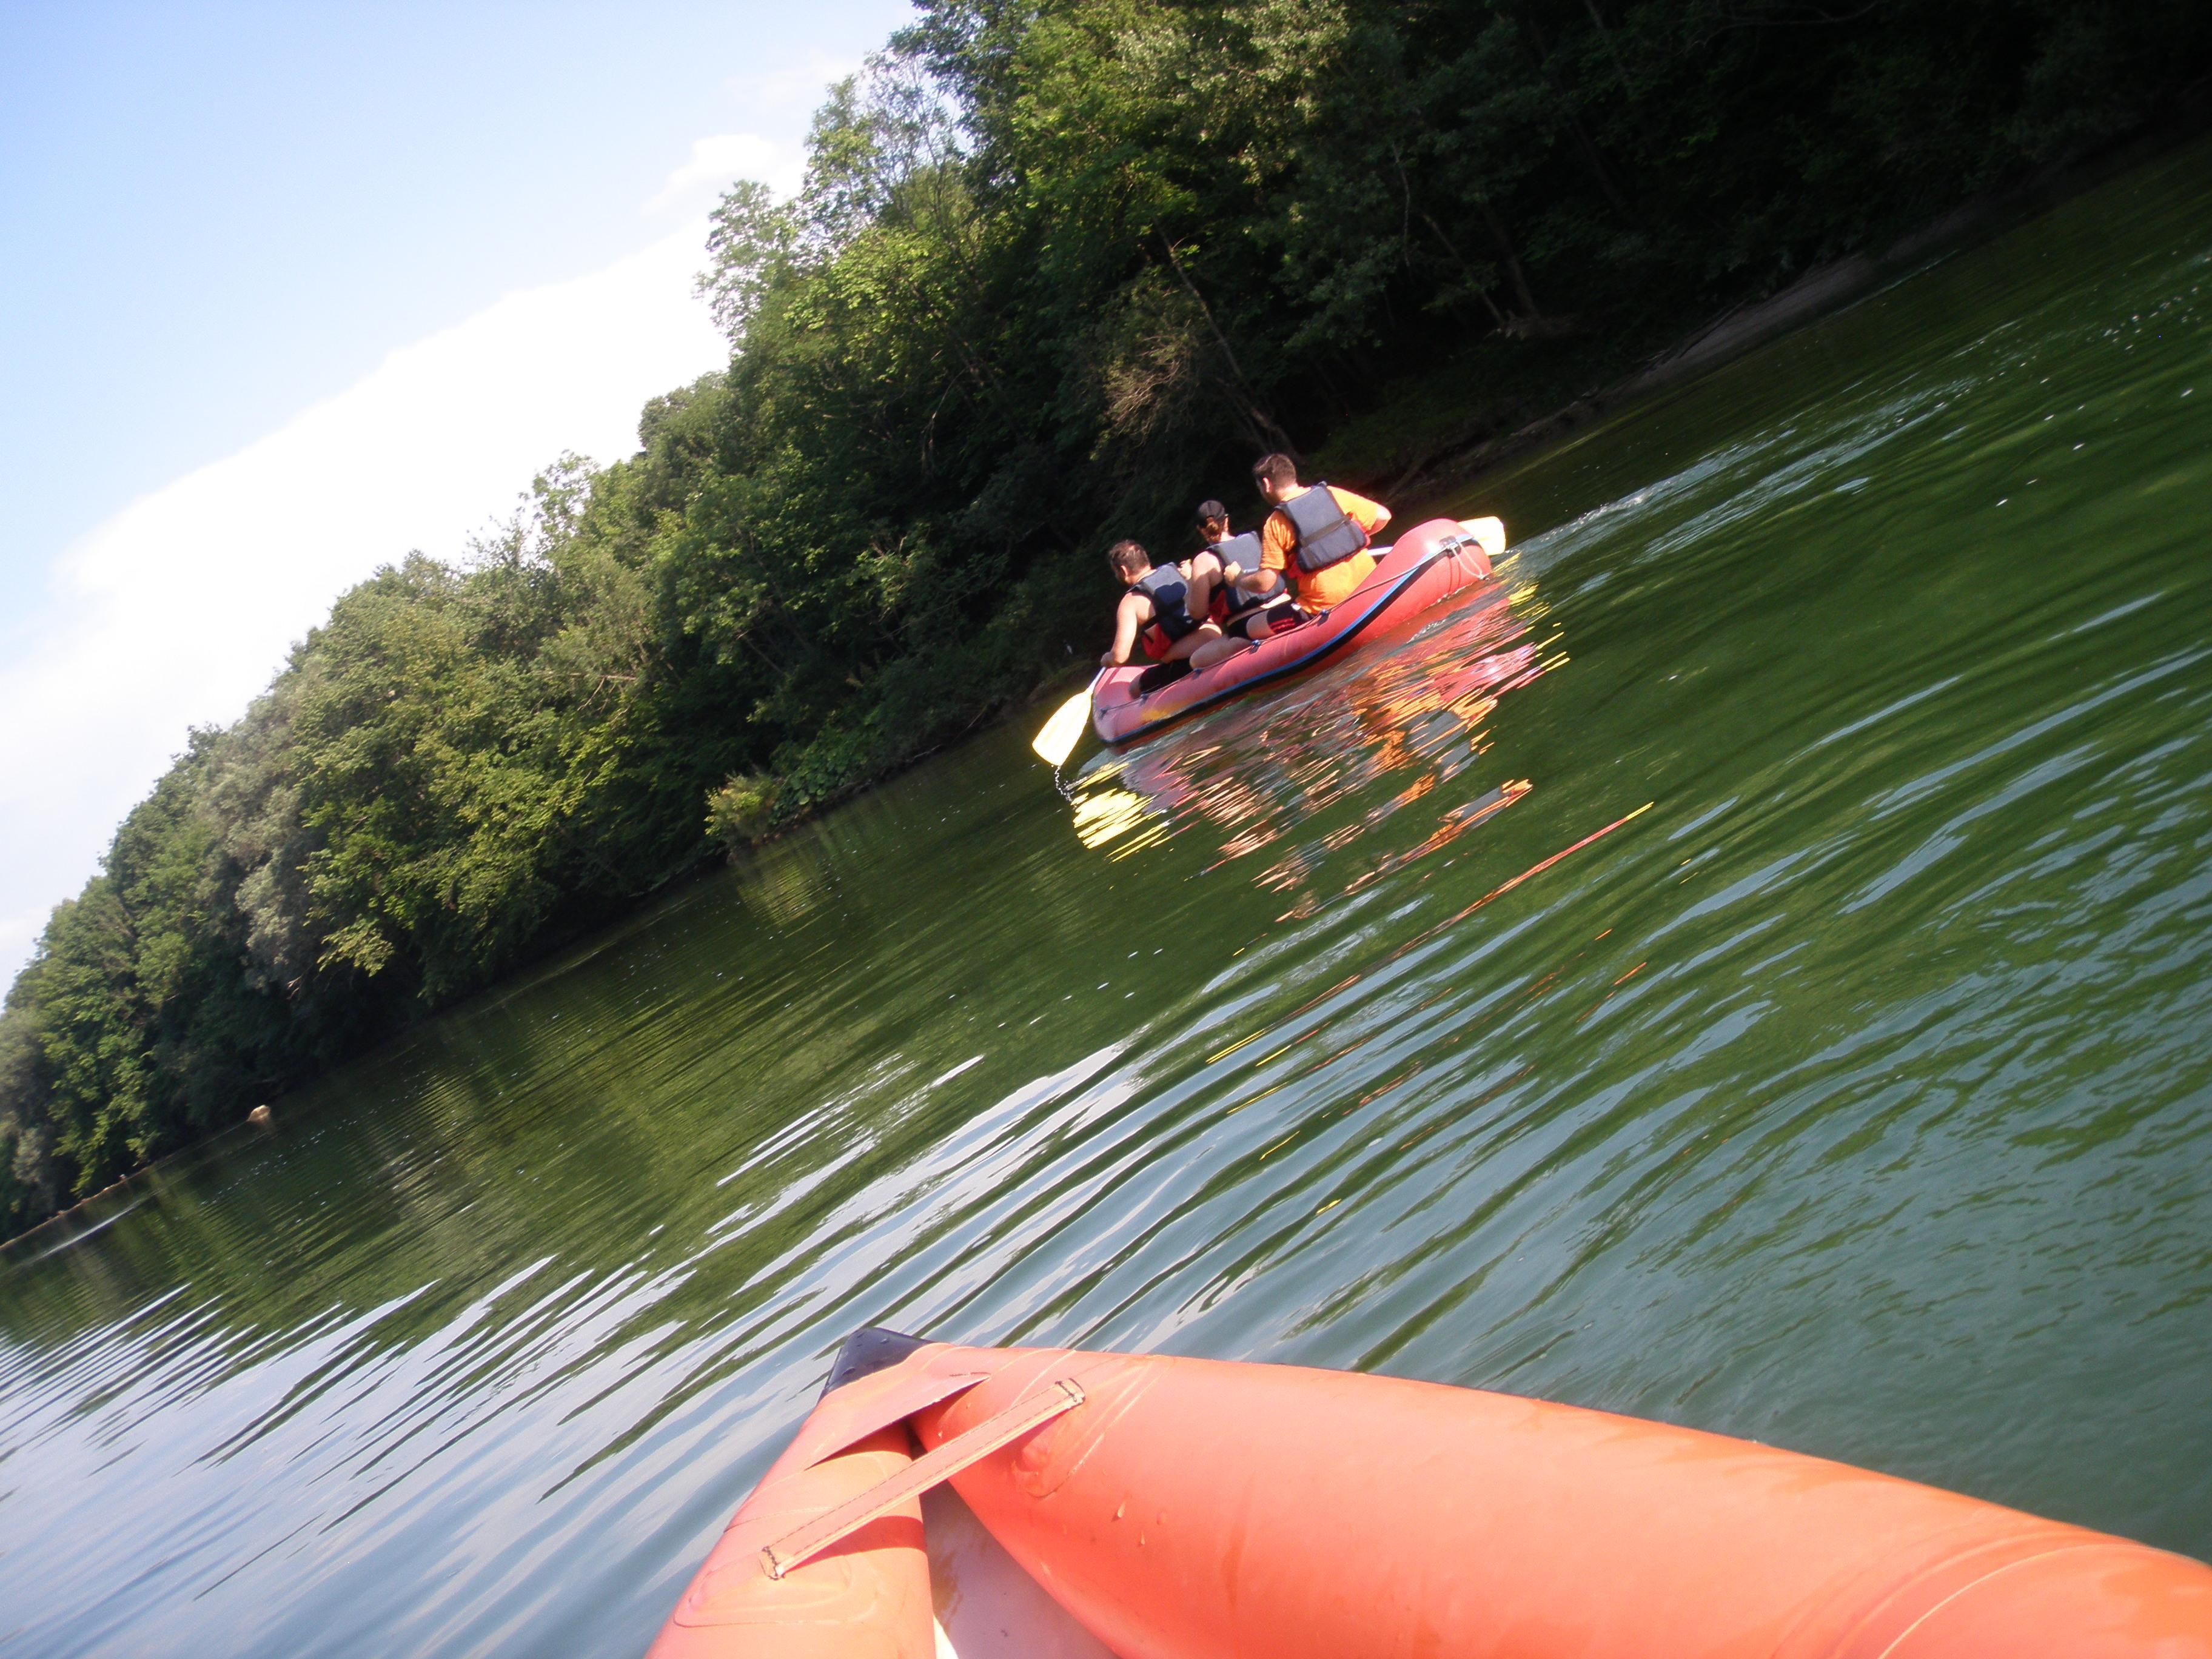 Kolpa H2O izziv, čolnarjenje po kolpi, mini raft, večdenvno čolnarjenje, robinzonsko čolnarjenje, ekspedicijsko čolnarjenje, Kostel, Kolpa Kolpa H2O izziv 101